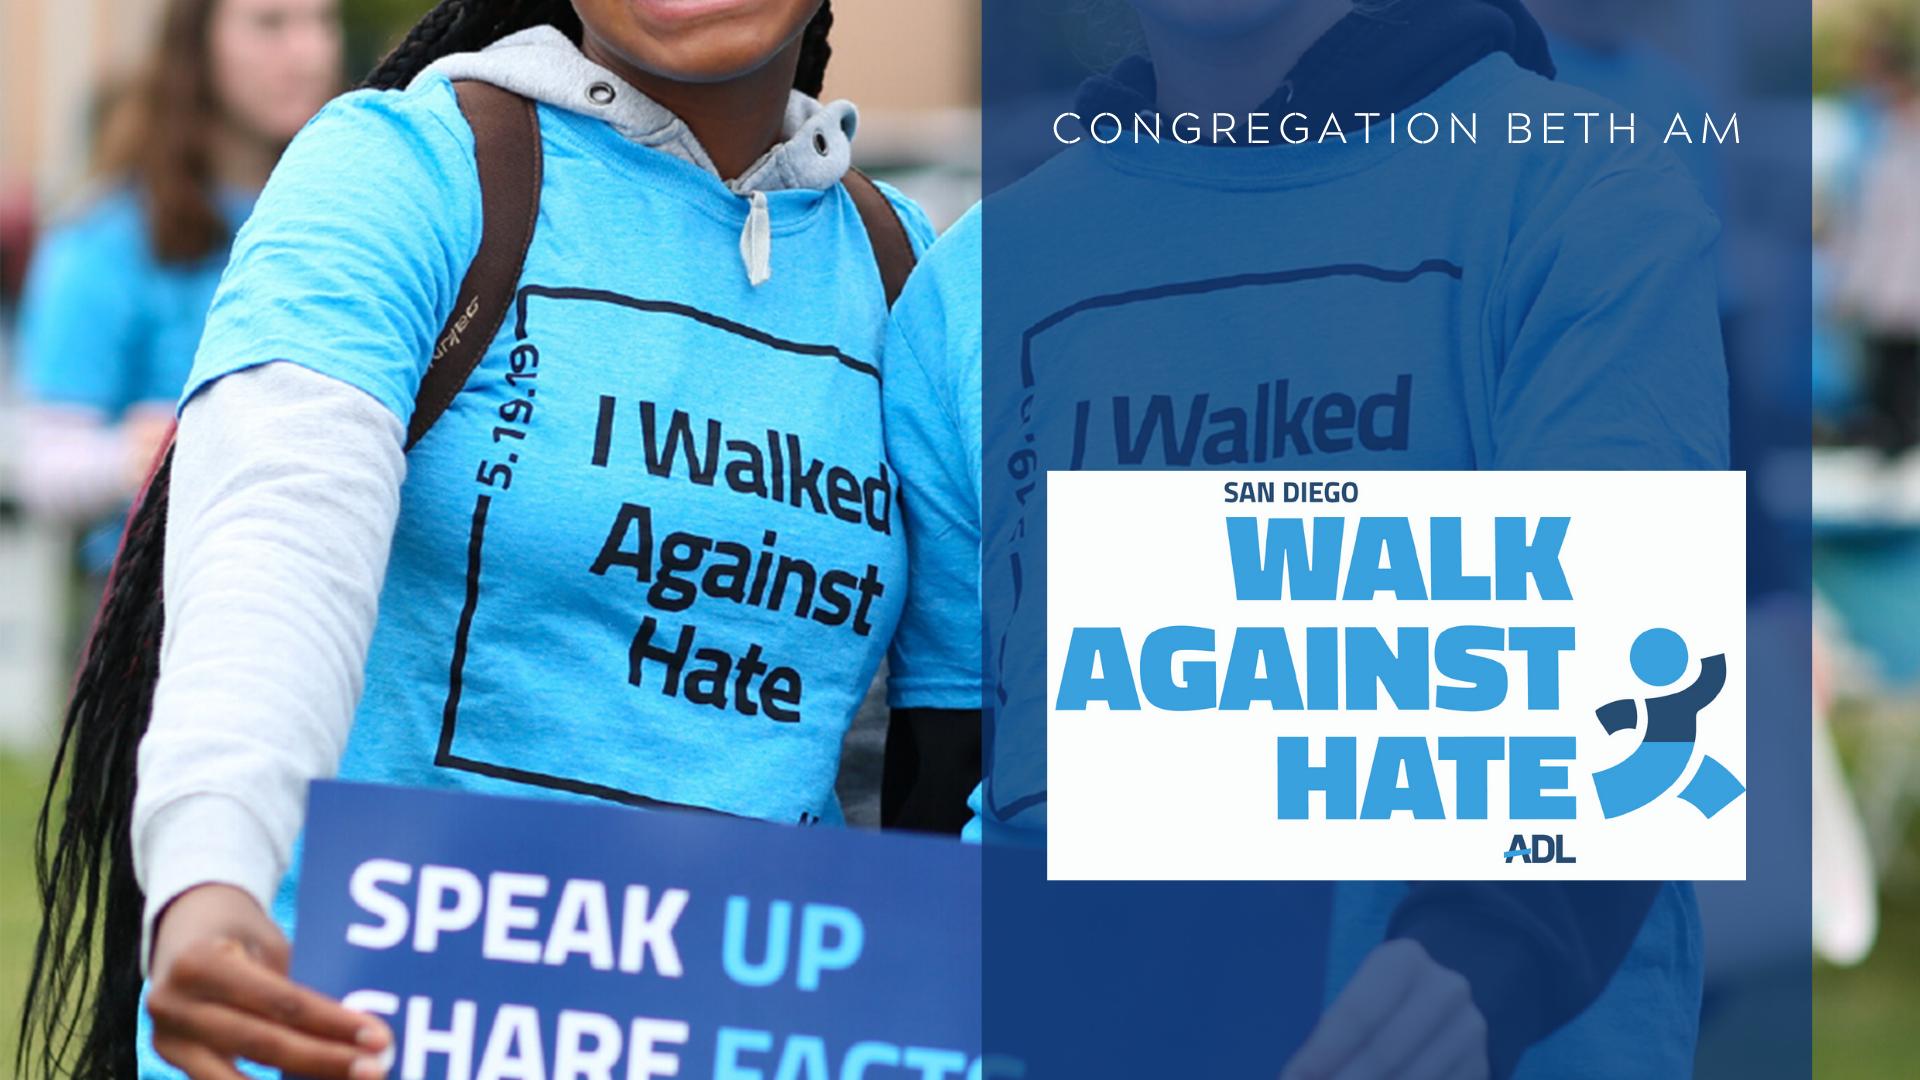 Banner Image for ADL: Walk Against Hate CBA Team